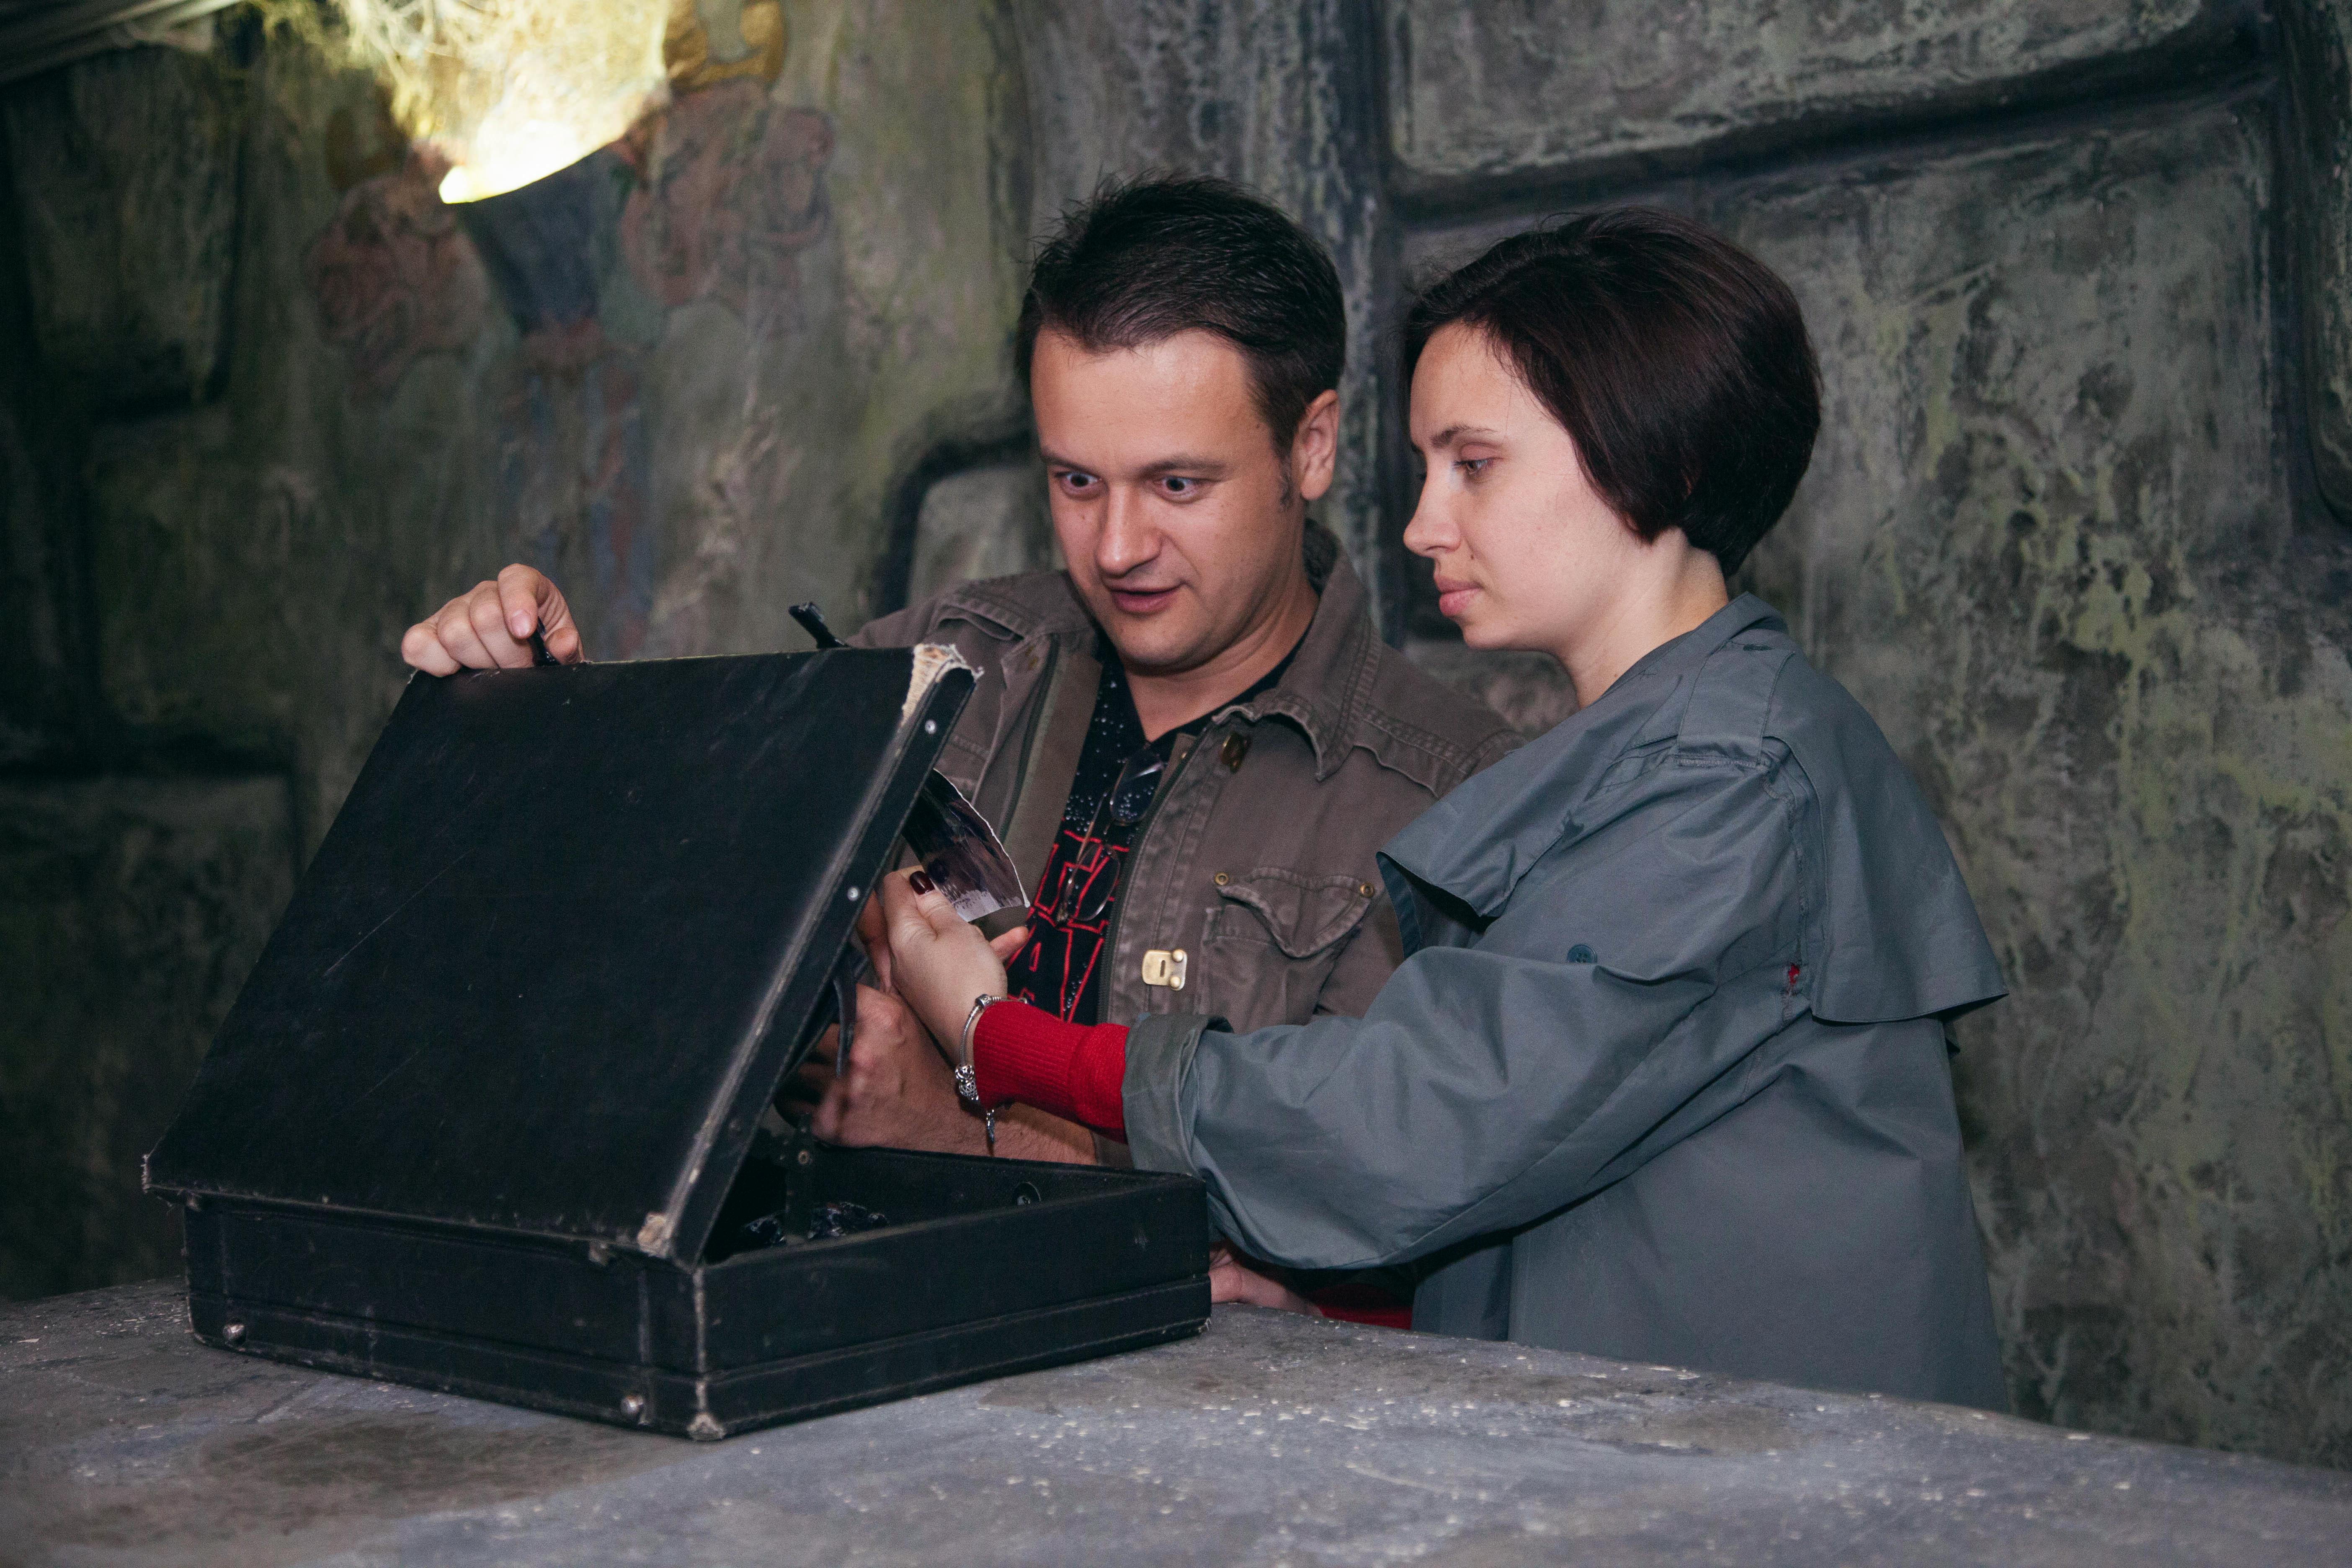 Романтический ужин в подземелье от сервиса романтики Альтечо (7)